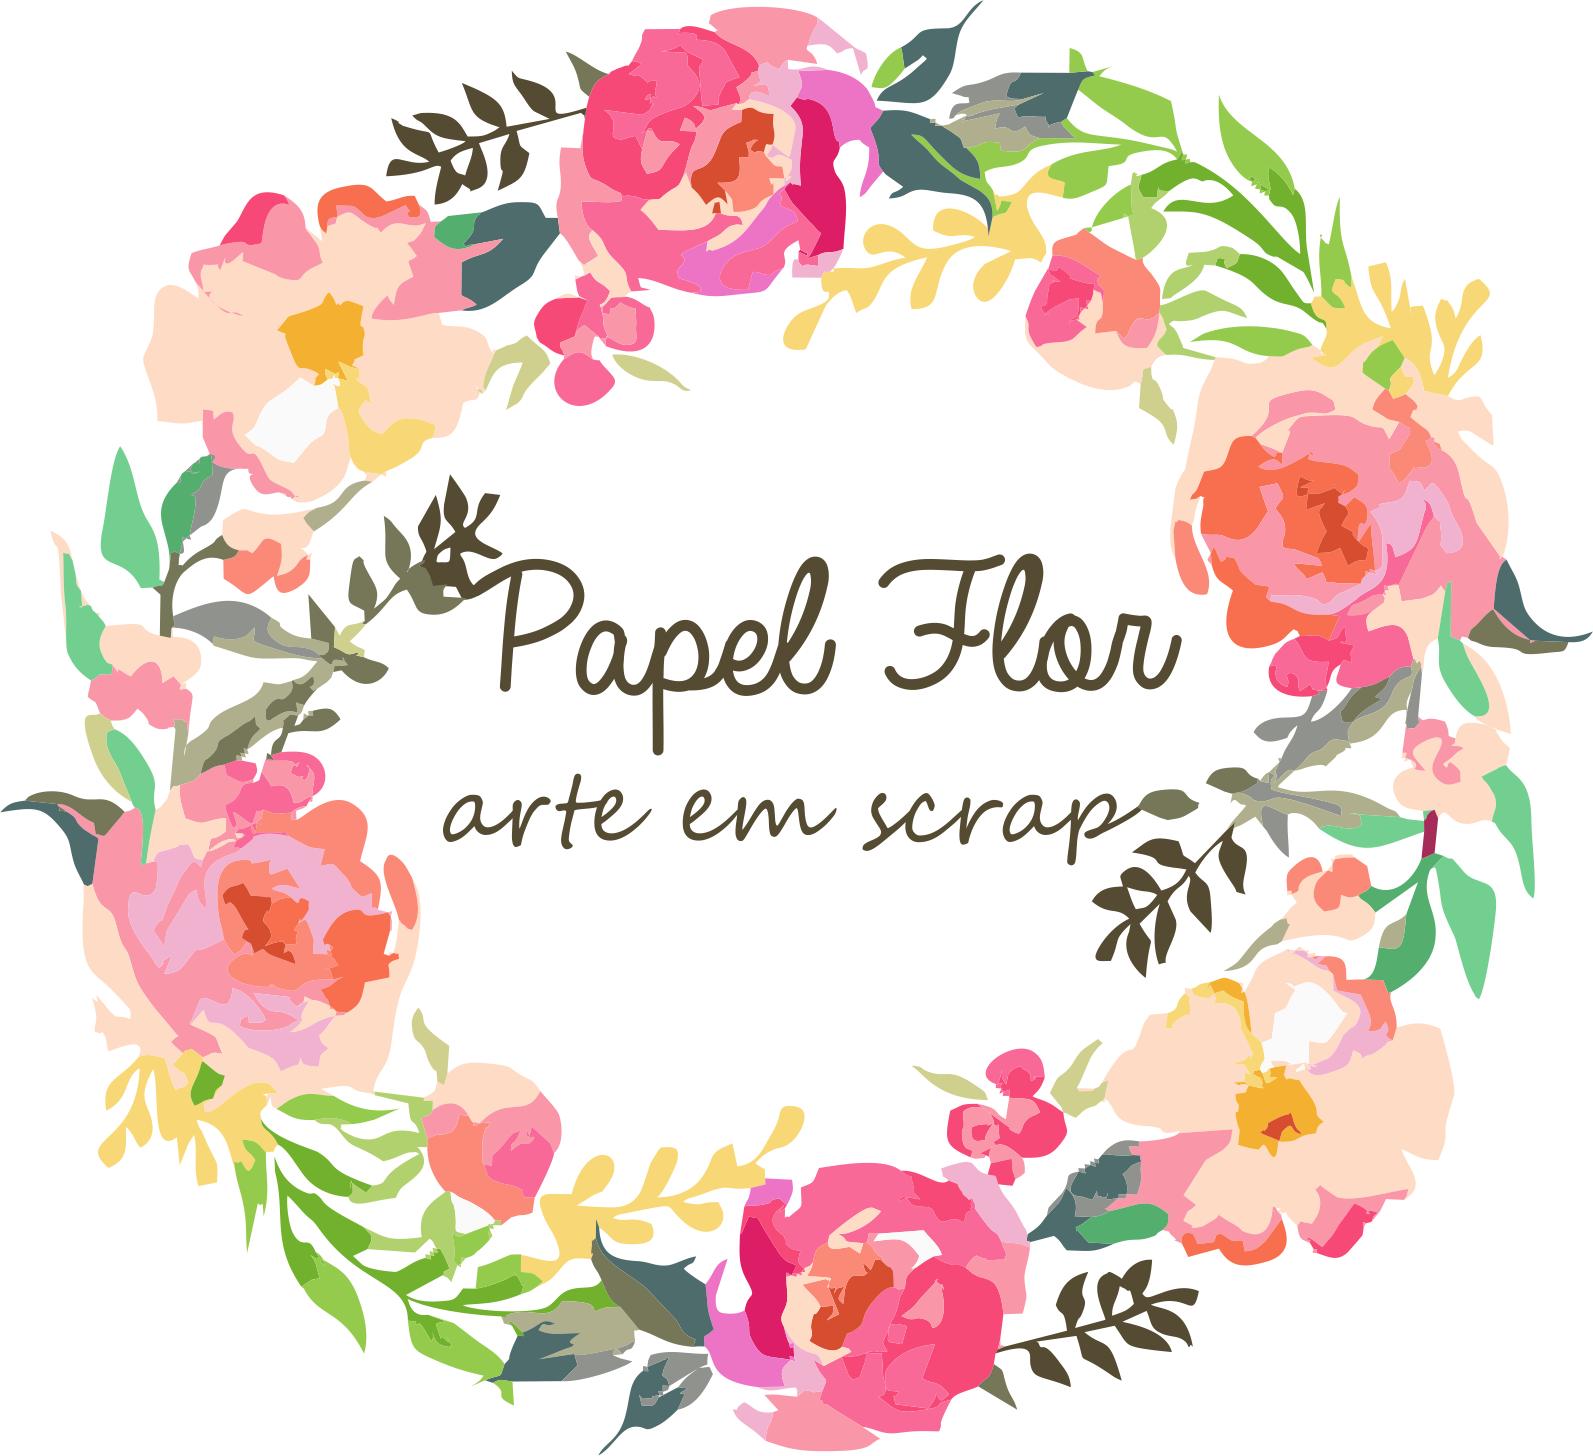 Papel Flor arte em scrap